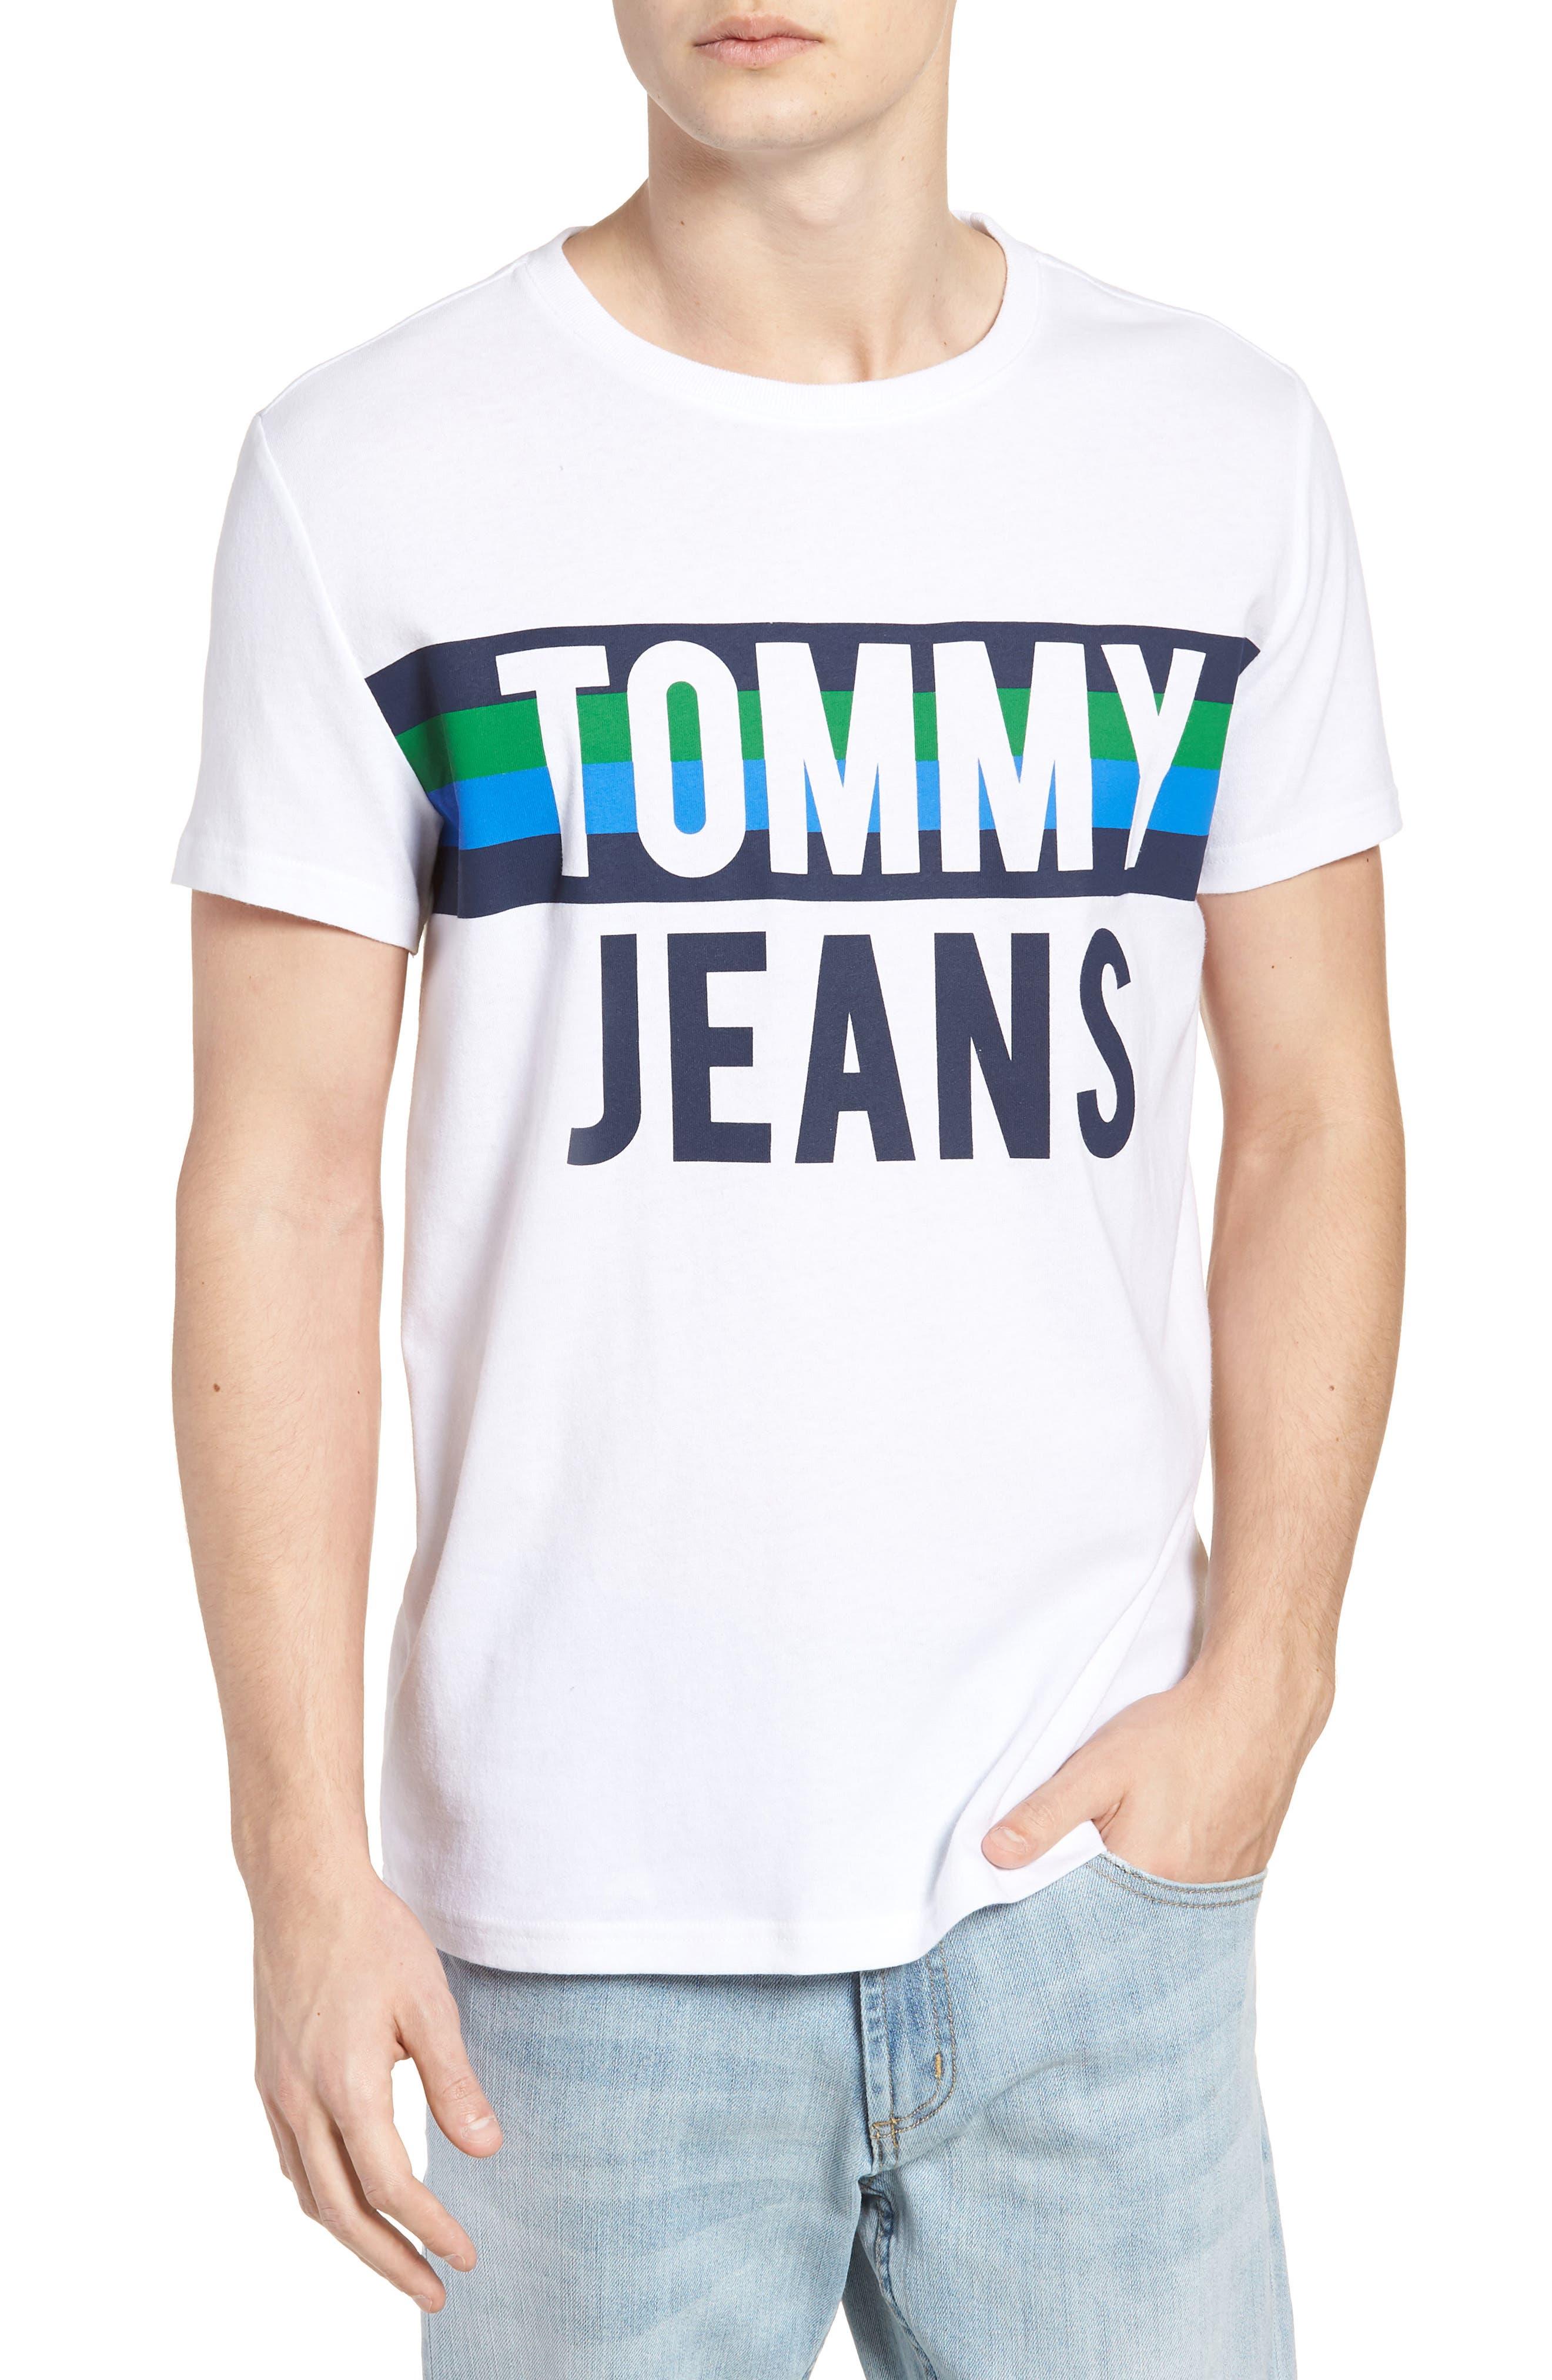 TOMMY JEANS Colorblock Font T-Shirt